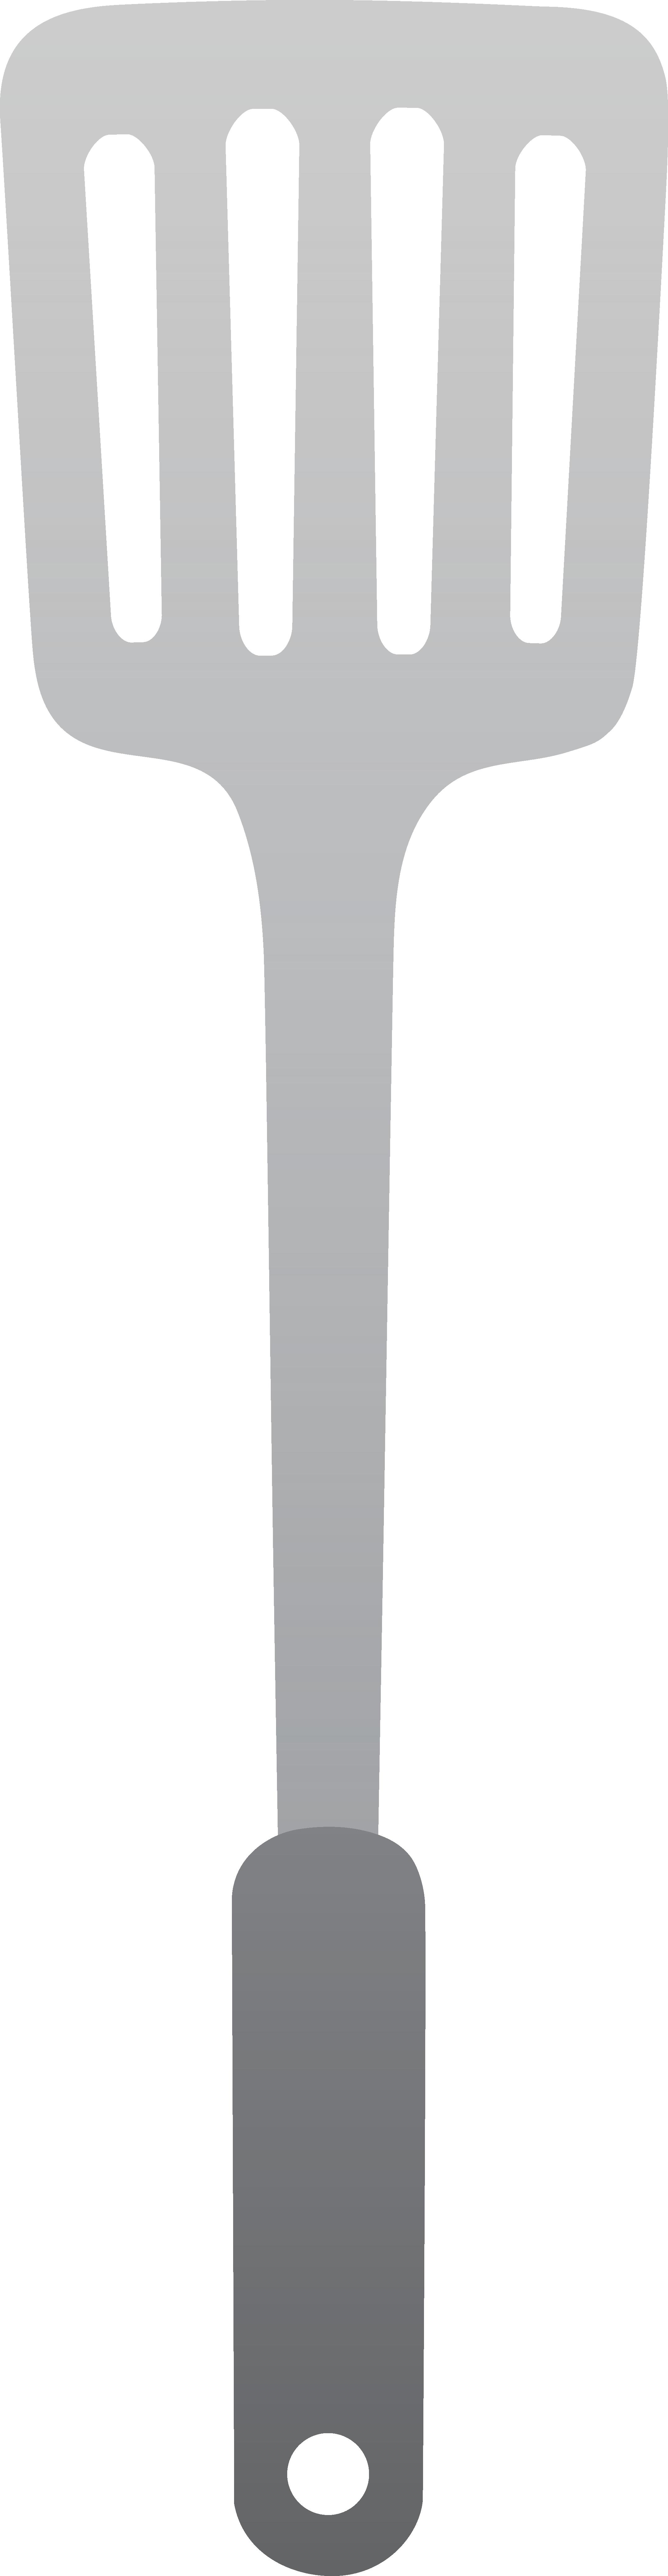 Black clipart spatula Rubber Spatula – Spatula Art